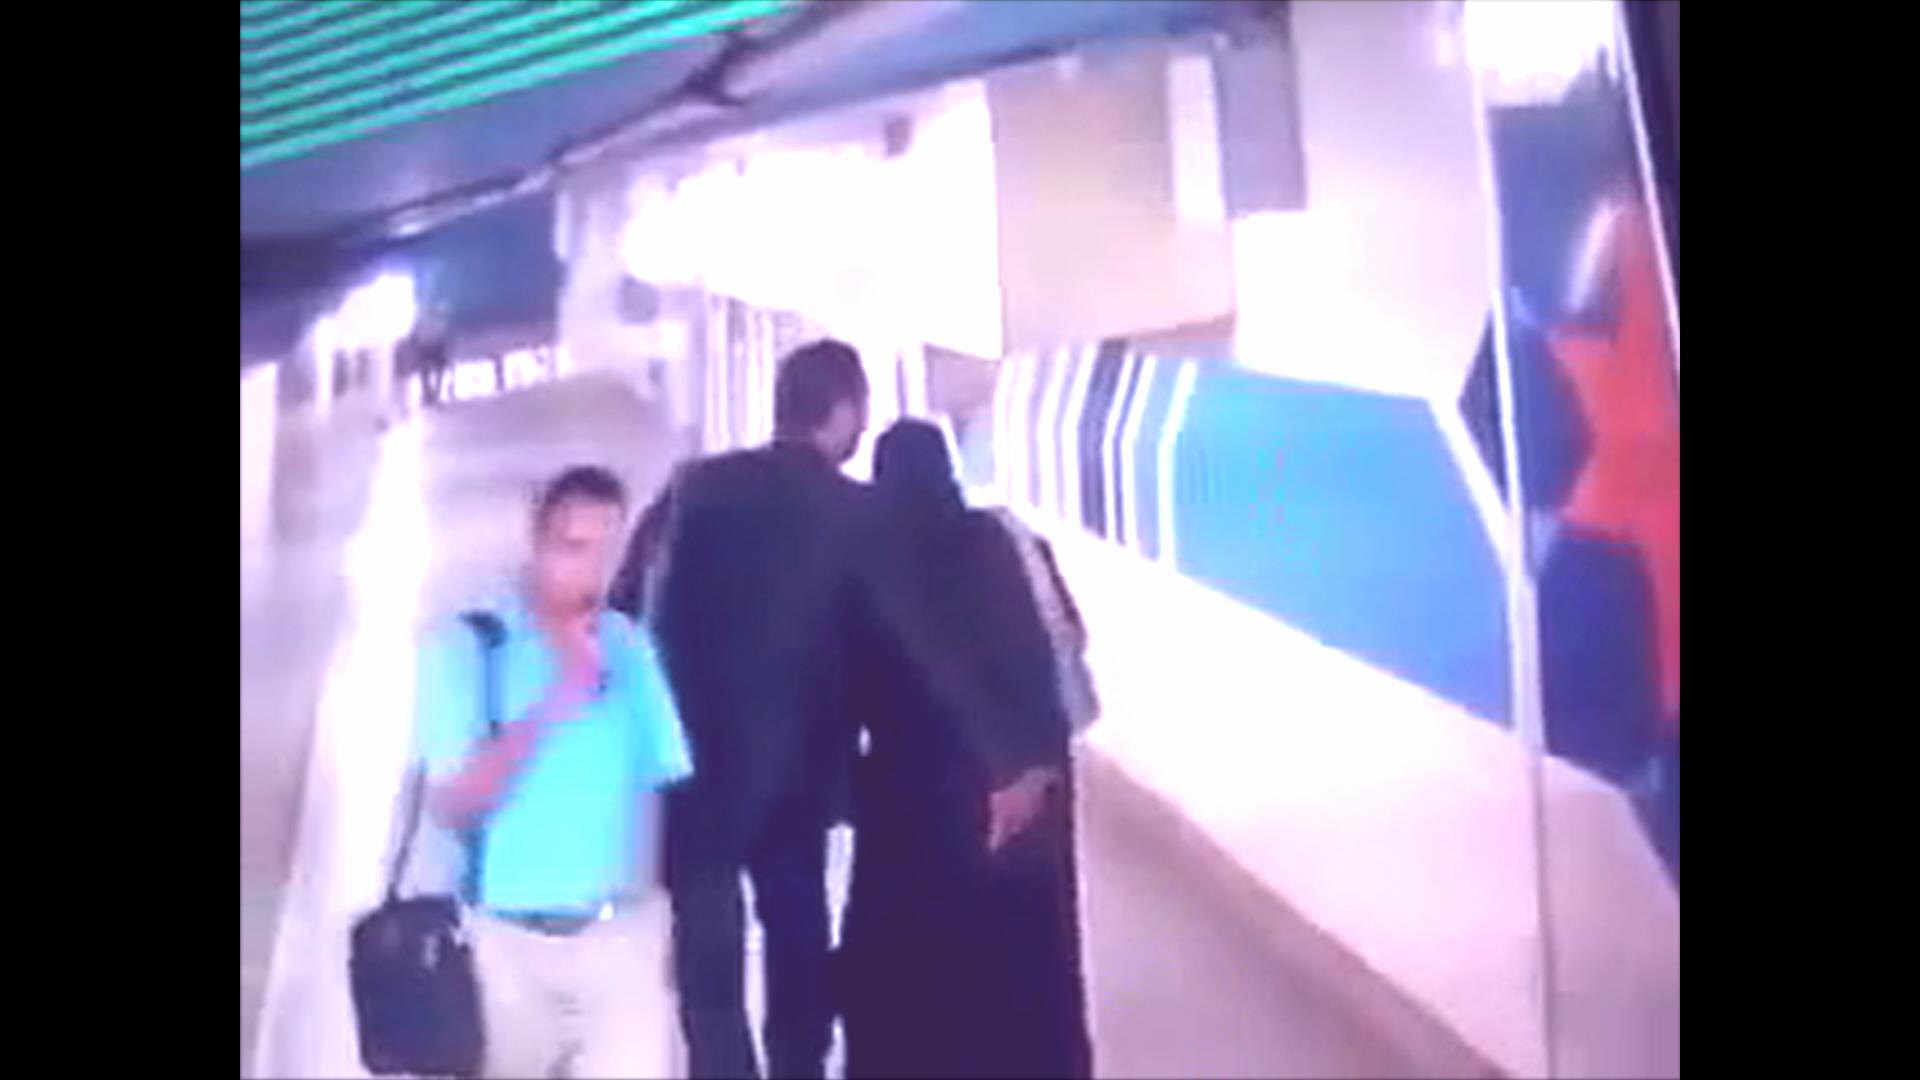 تسجيل مسرب من كاميرات مترو الأنفاق يظهر فيه ملتحي ومنقبة يقوما بأفعال فاضحة داخل محطة المترو